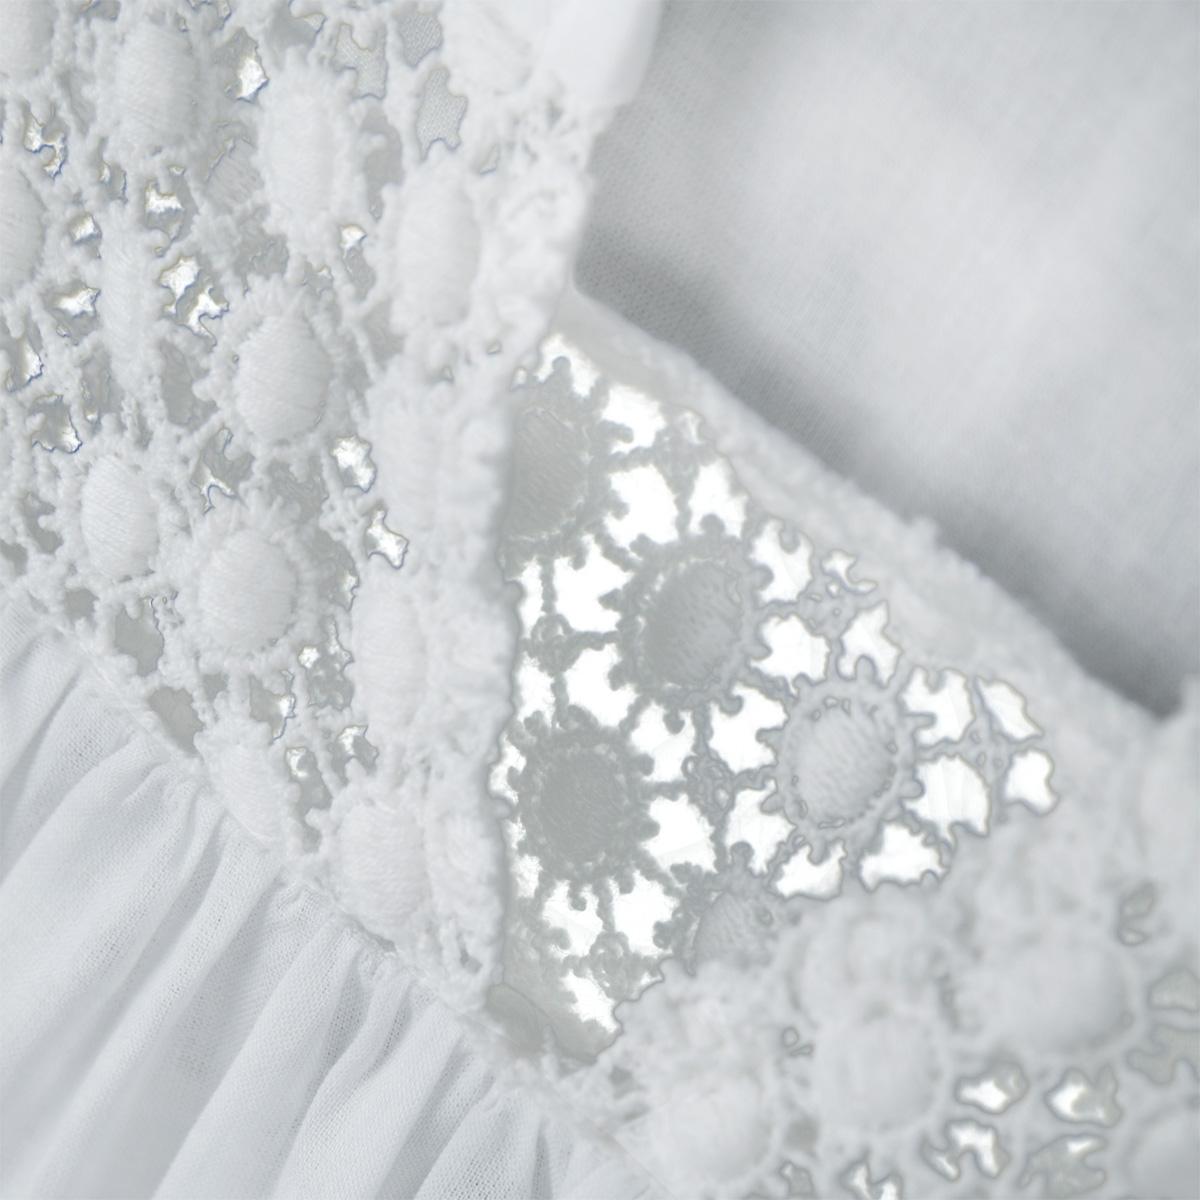 женская рубашка OSA sc00211 O.SA2011